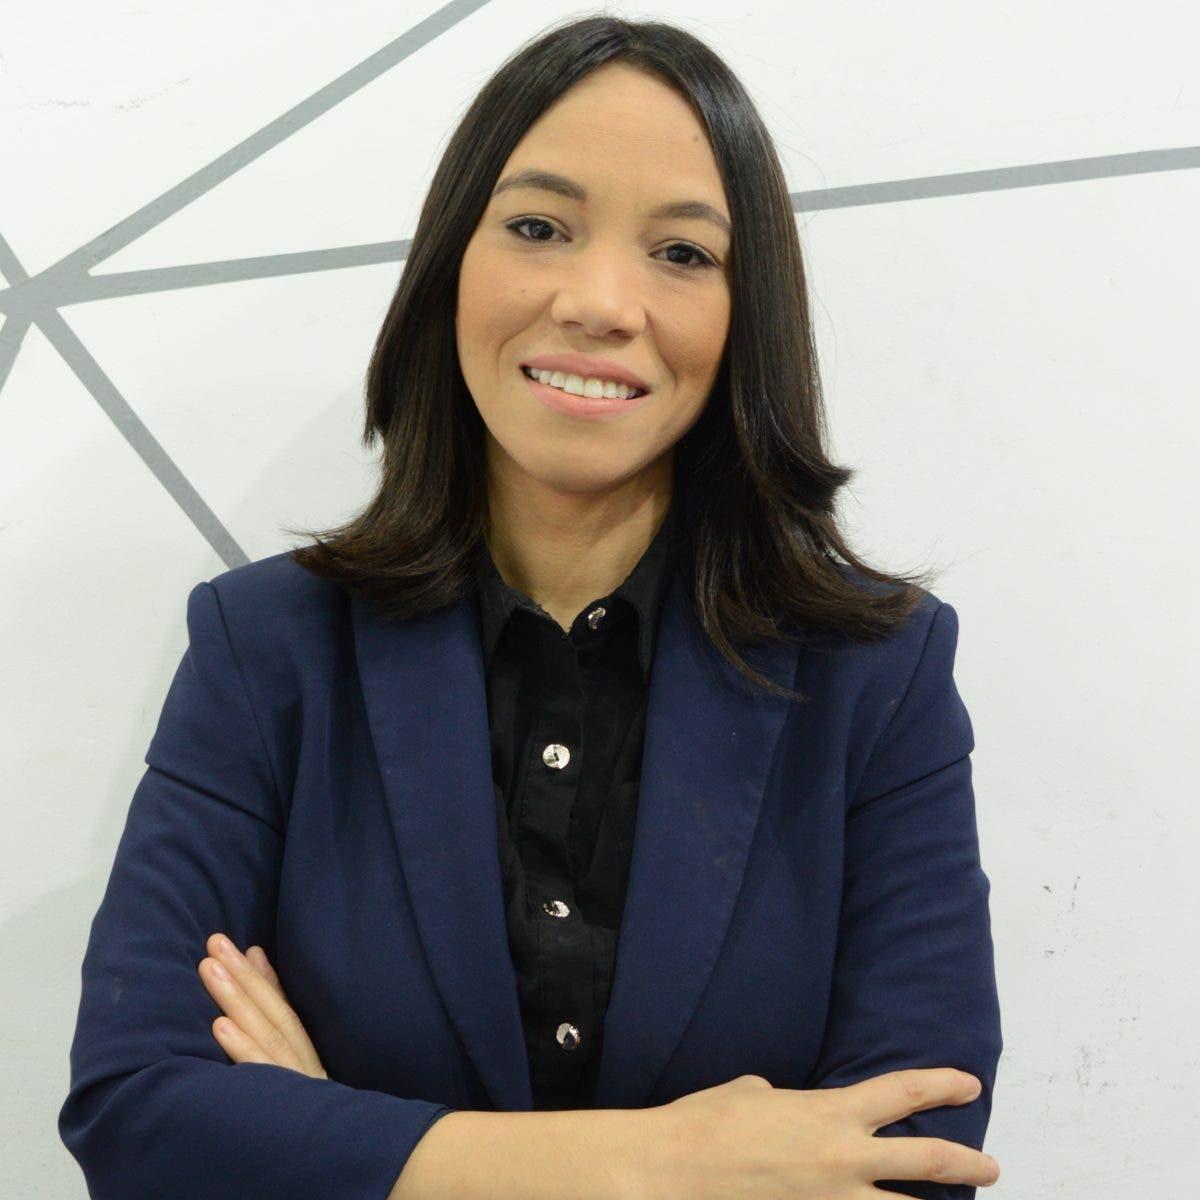 Cristal Acevedo estrena programa que combina la investigación y la opinión